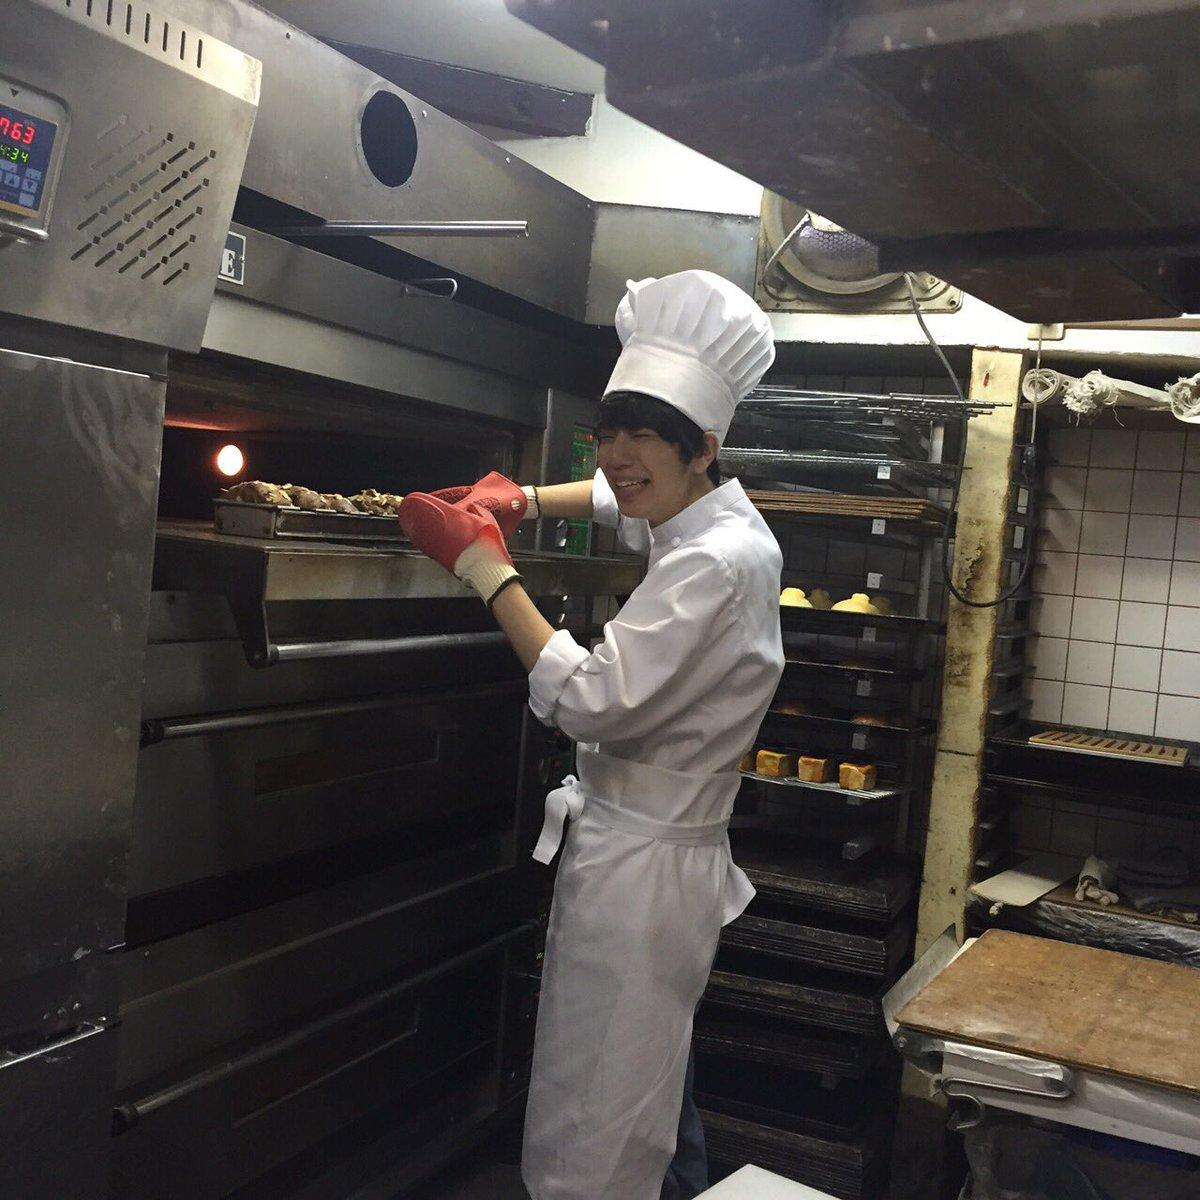 発売中の9月号では、声優の西山宏太朗くんが登場! ちっちゃいころ憧れてたパン屋さんのコスプレにるんる…